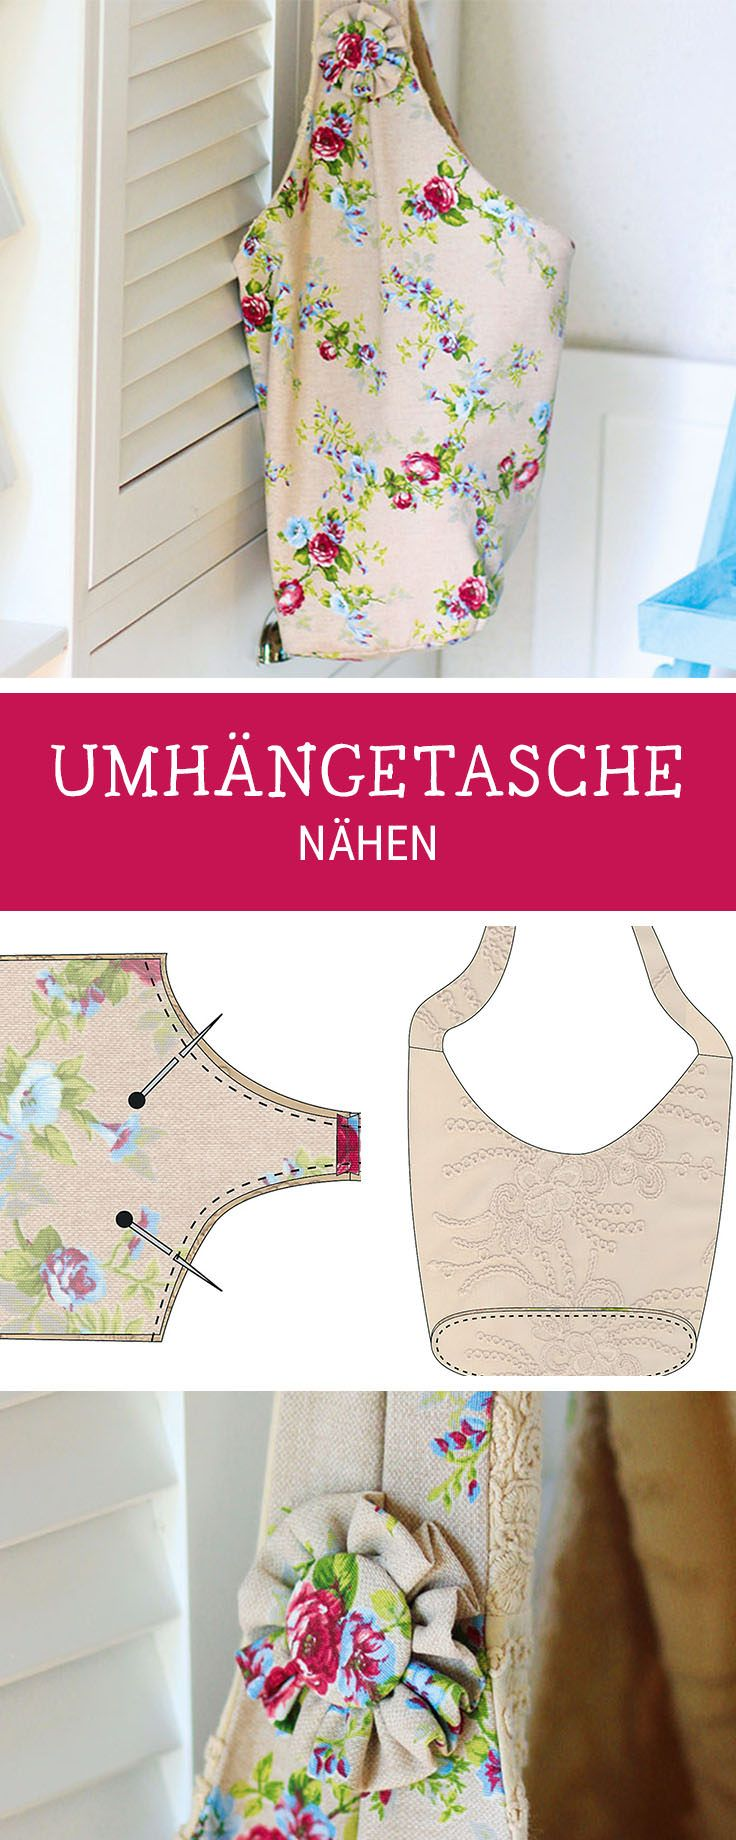 Näh Dir Deine eigene Umhängetasche als Begleiter für den Alltag und Urlaub, Nähanleitung Tasche / diy sewing pattern for a big shopper bag via DaWanda.com